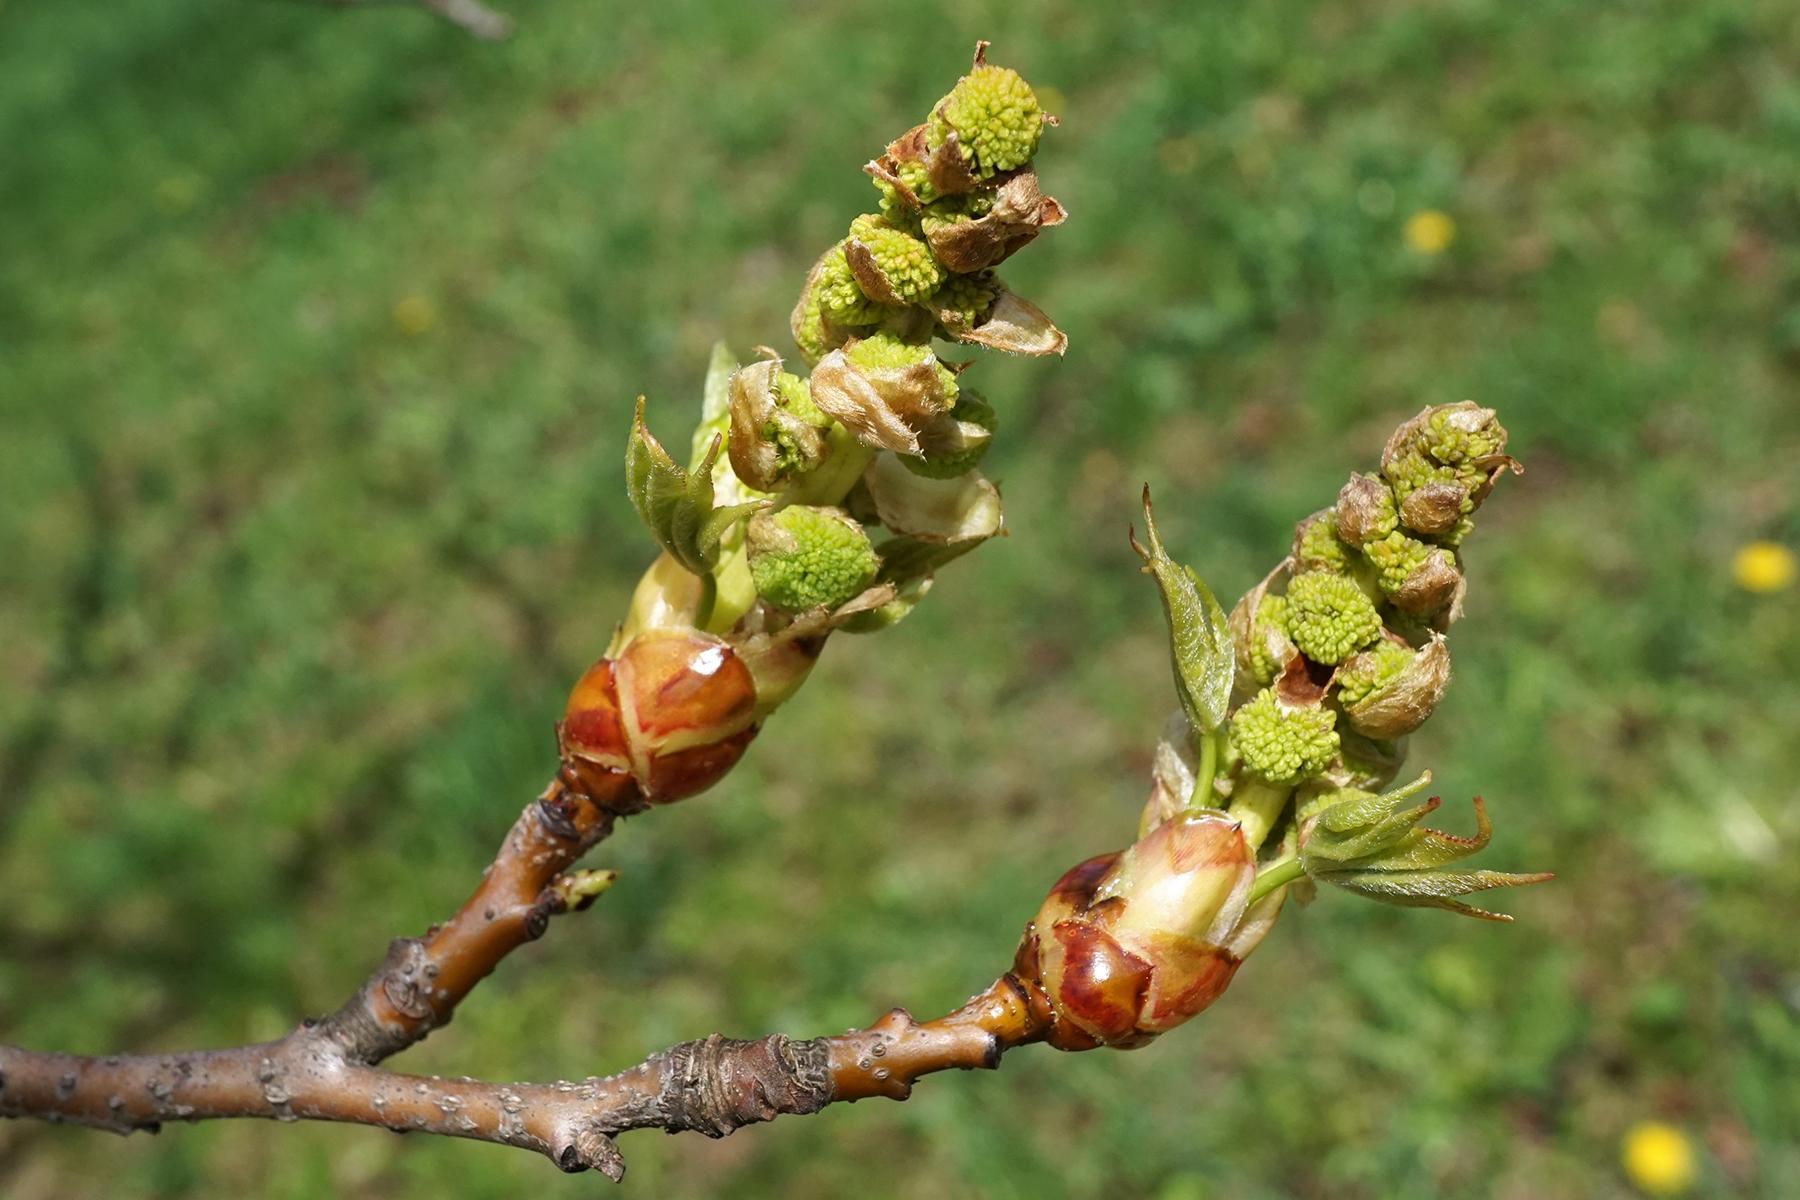 Copalme,châtons mâles. Crédits : Plant Image Library - Flickr